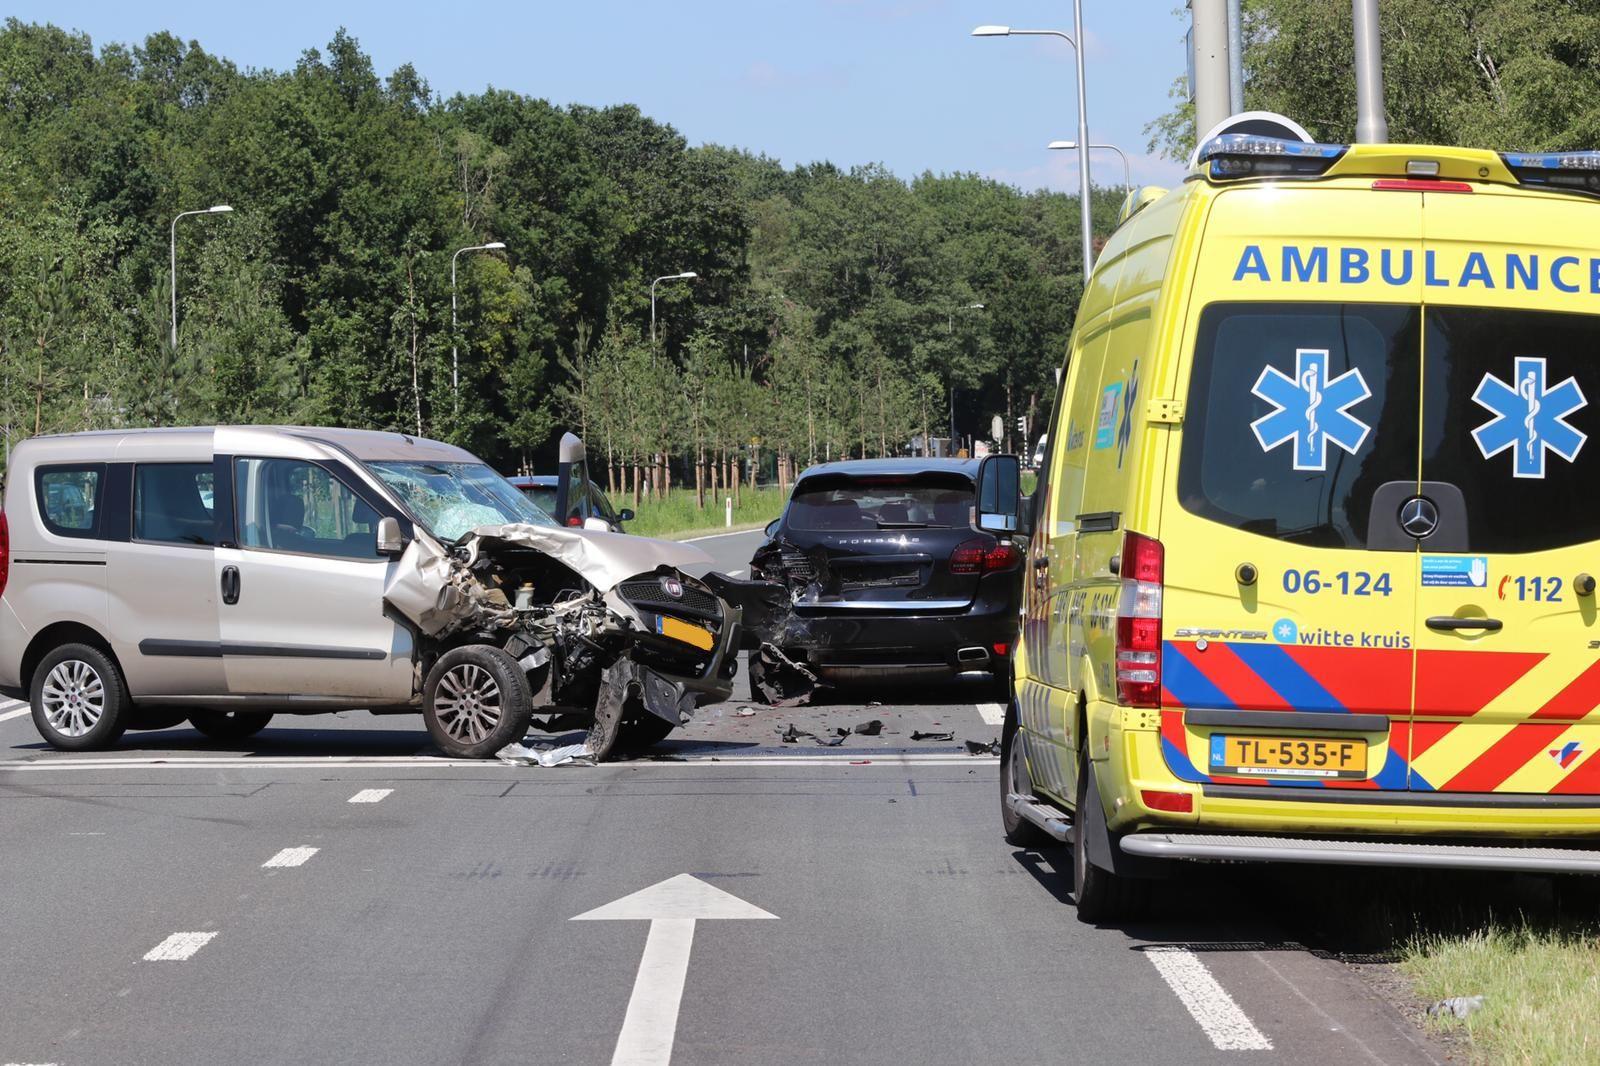 Gewonde bij ongeval op Europaweg in Apeldoorn